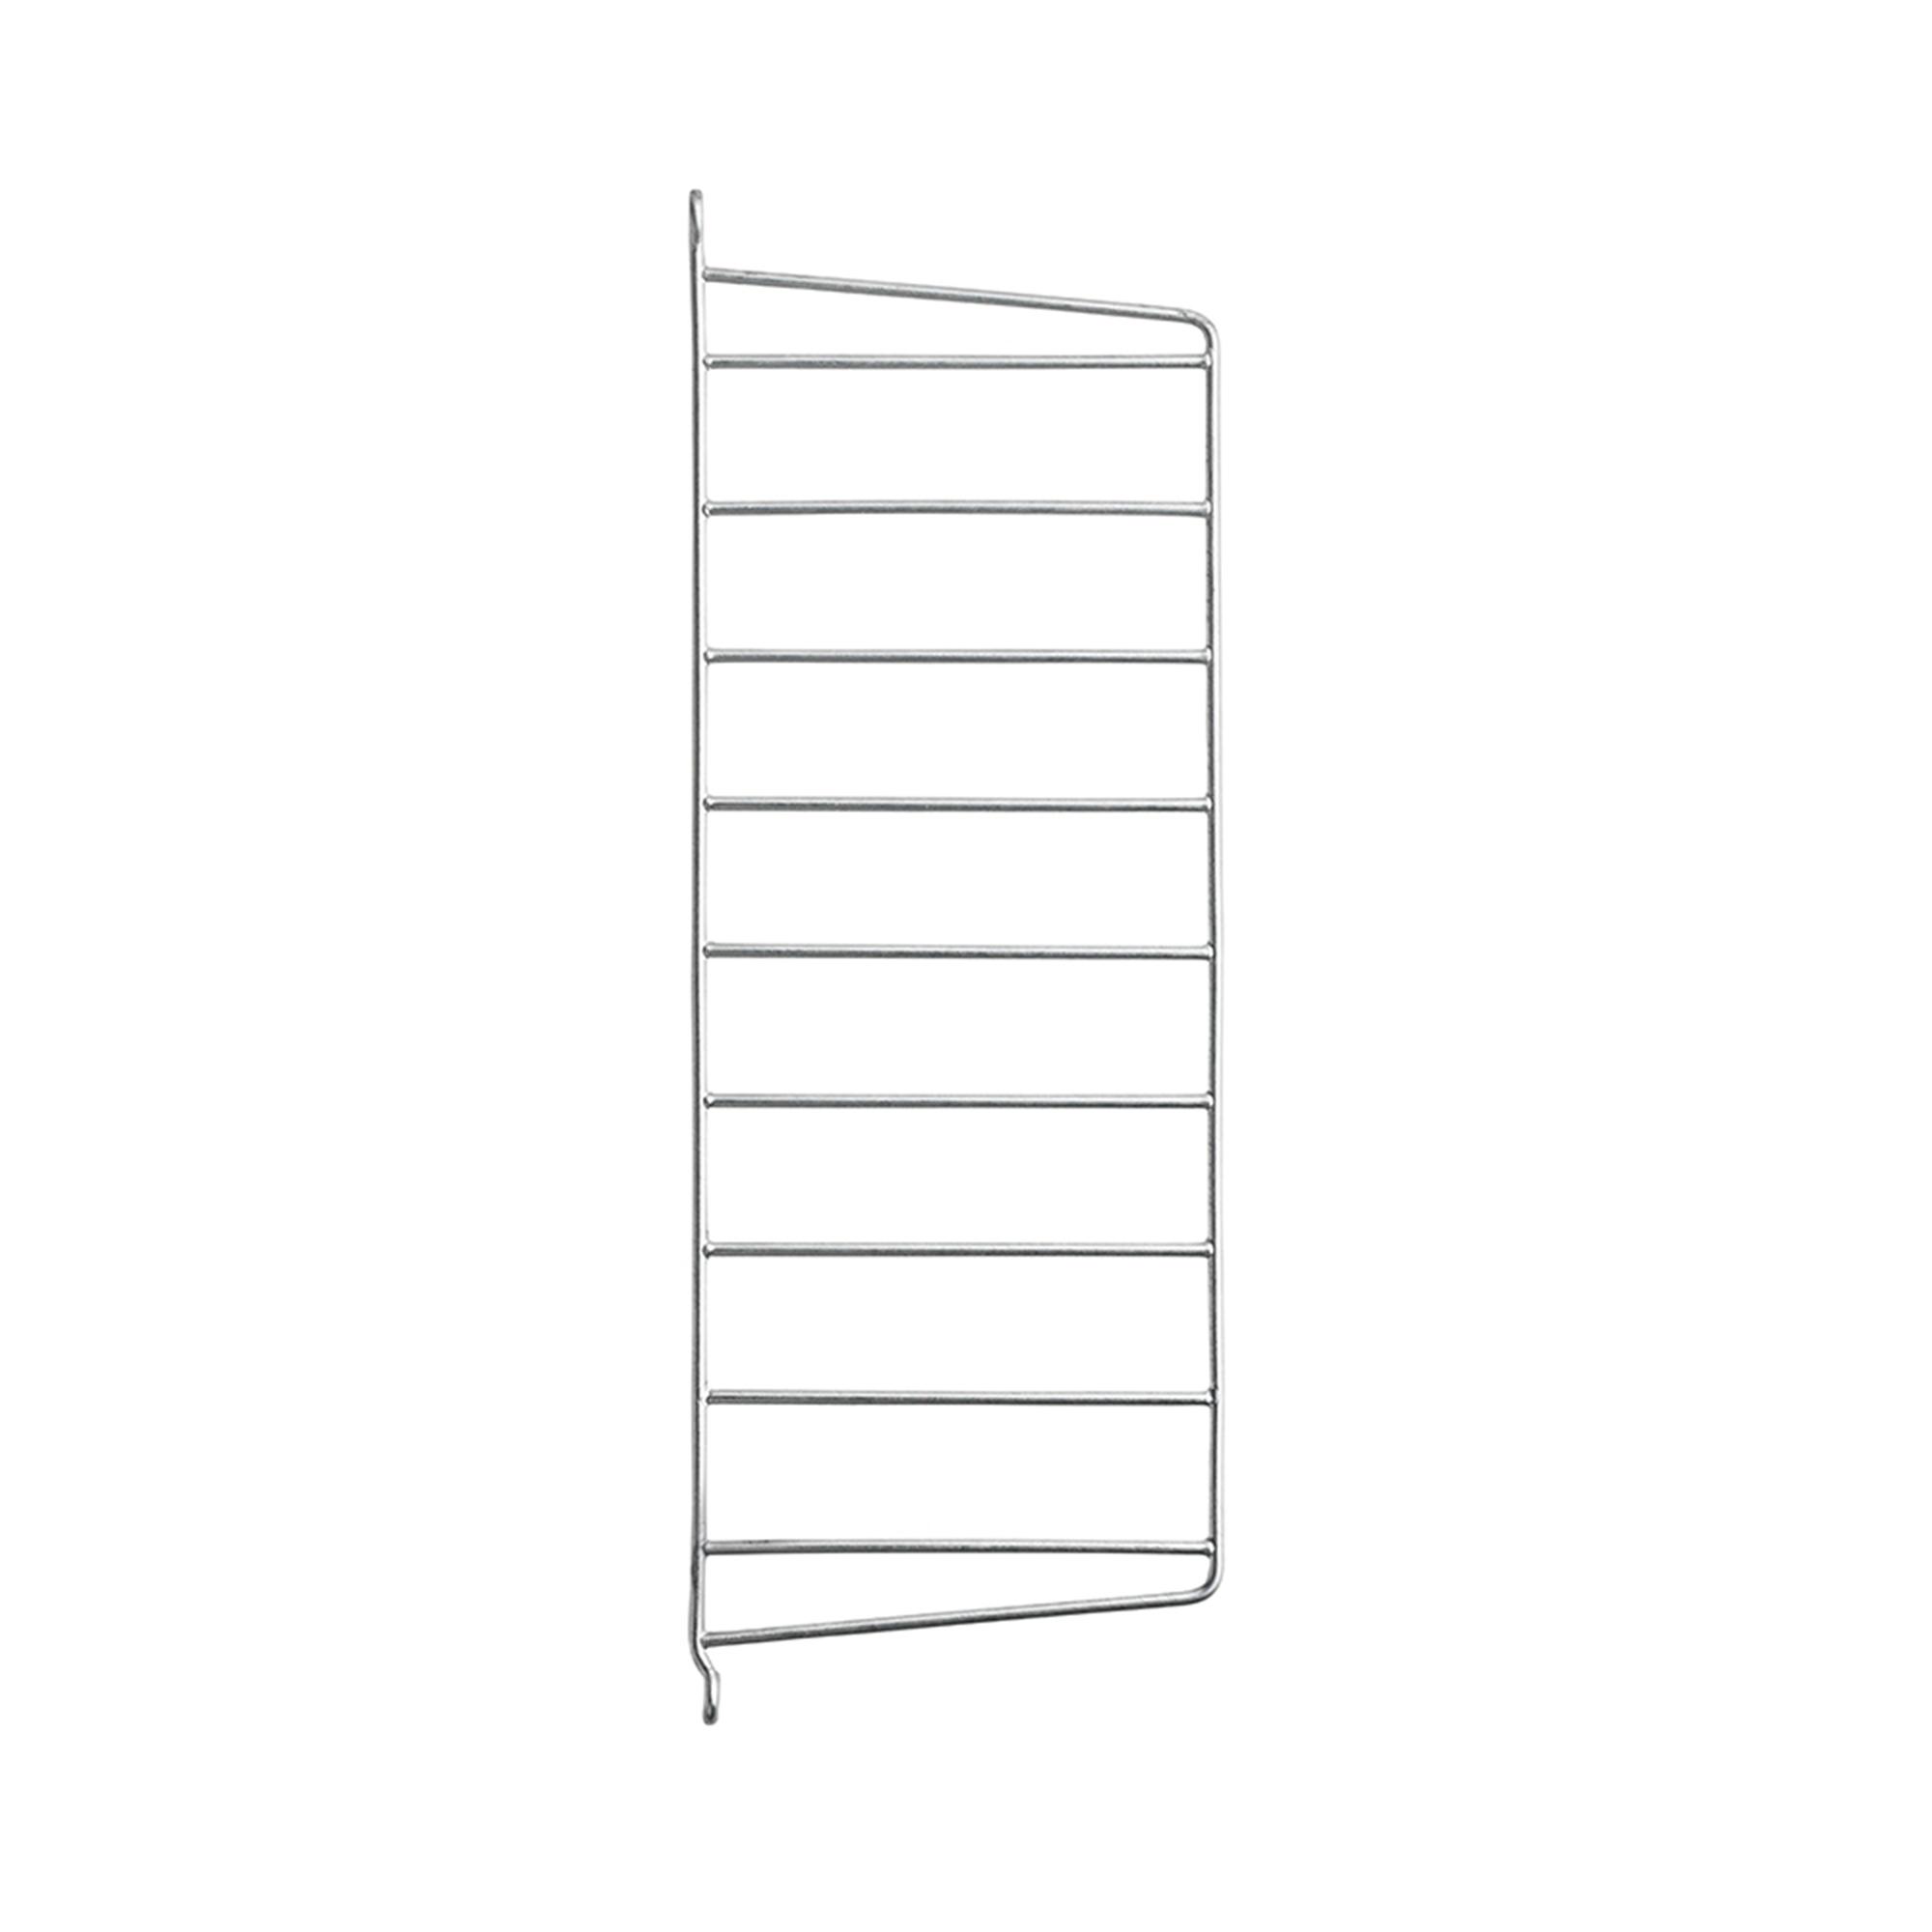 String Väggavel 50x20 1-p galvaniserad